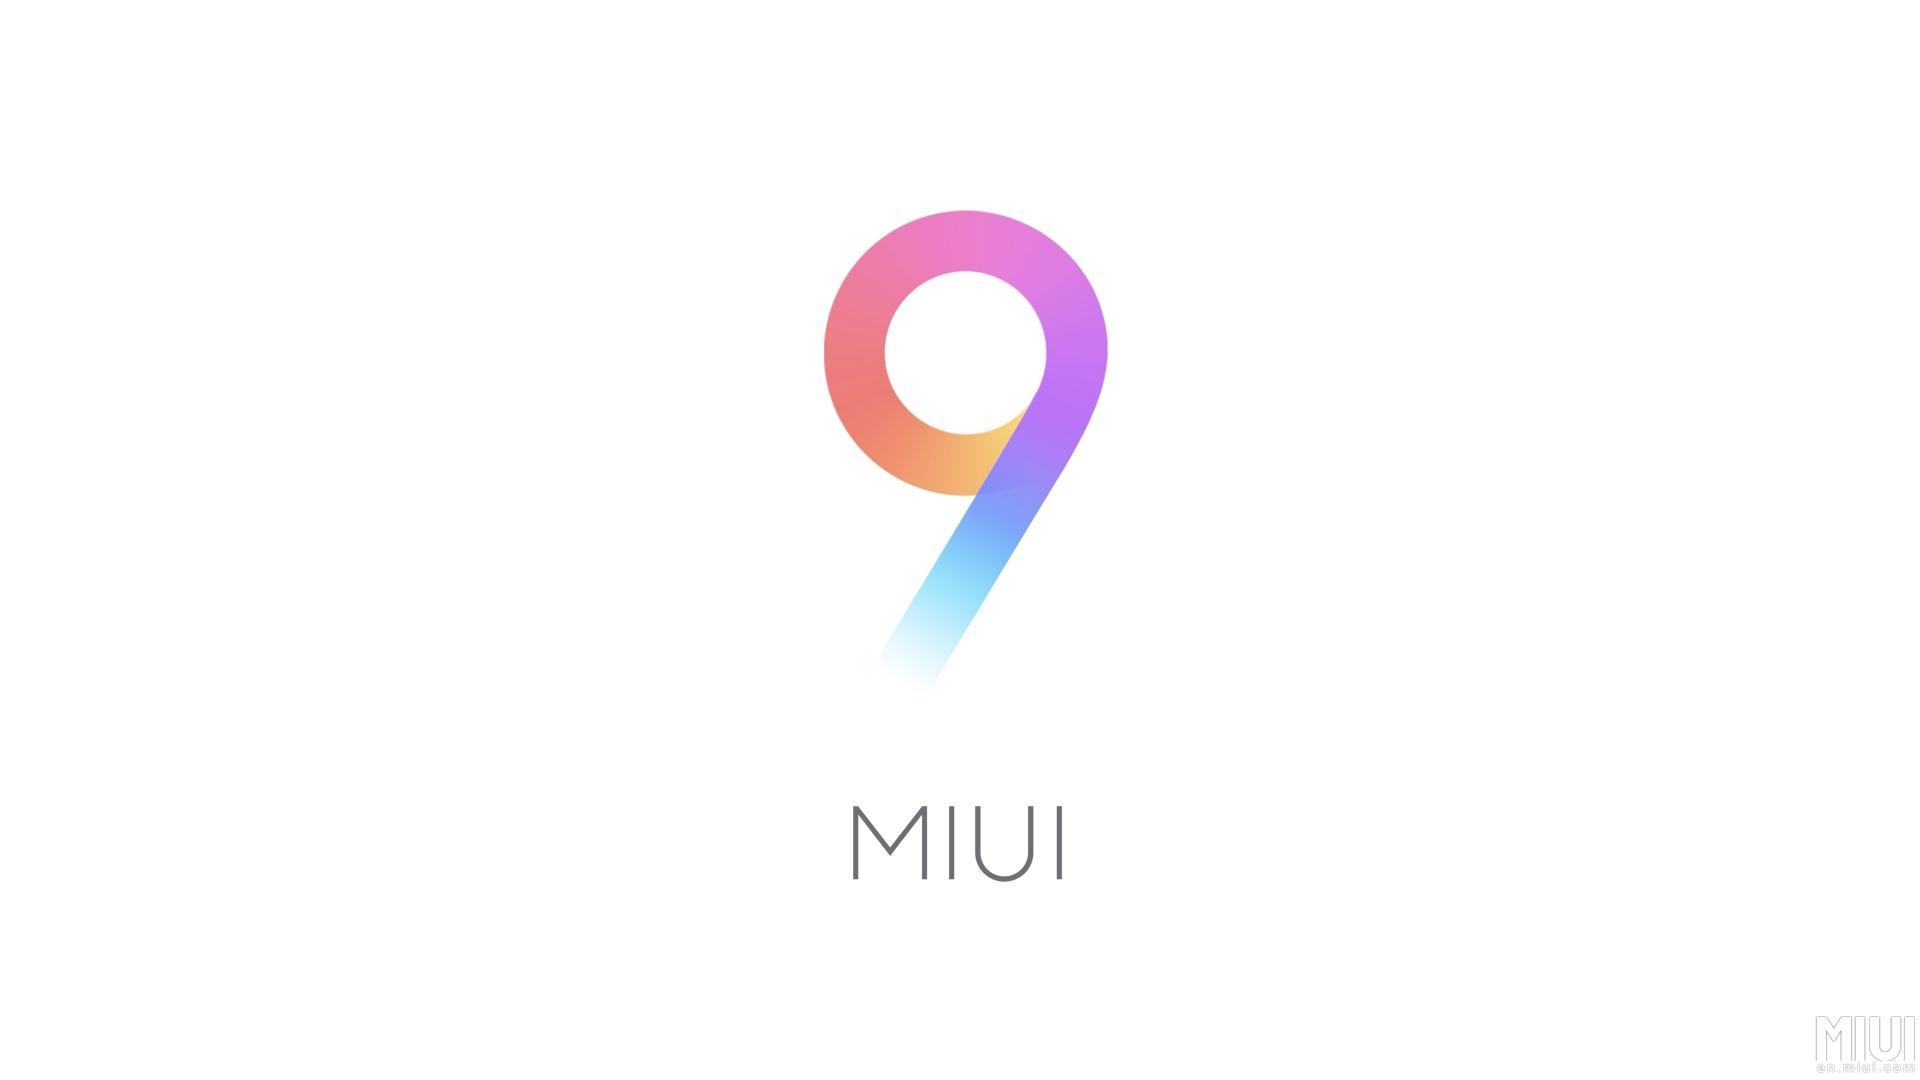 Ссылки назагрузку MIUI 9 для различных устройств Xiaomi